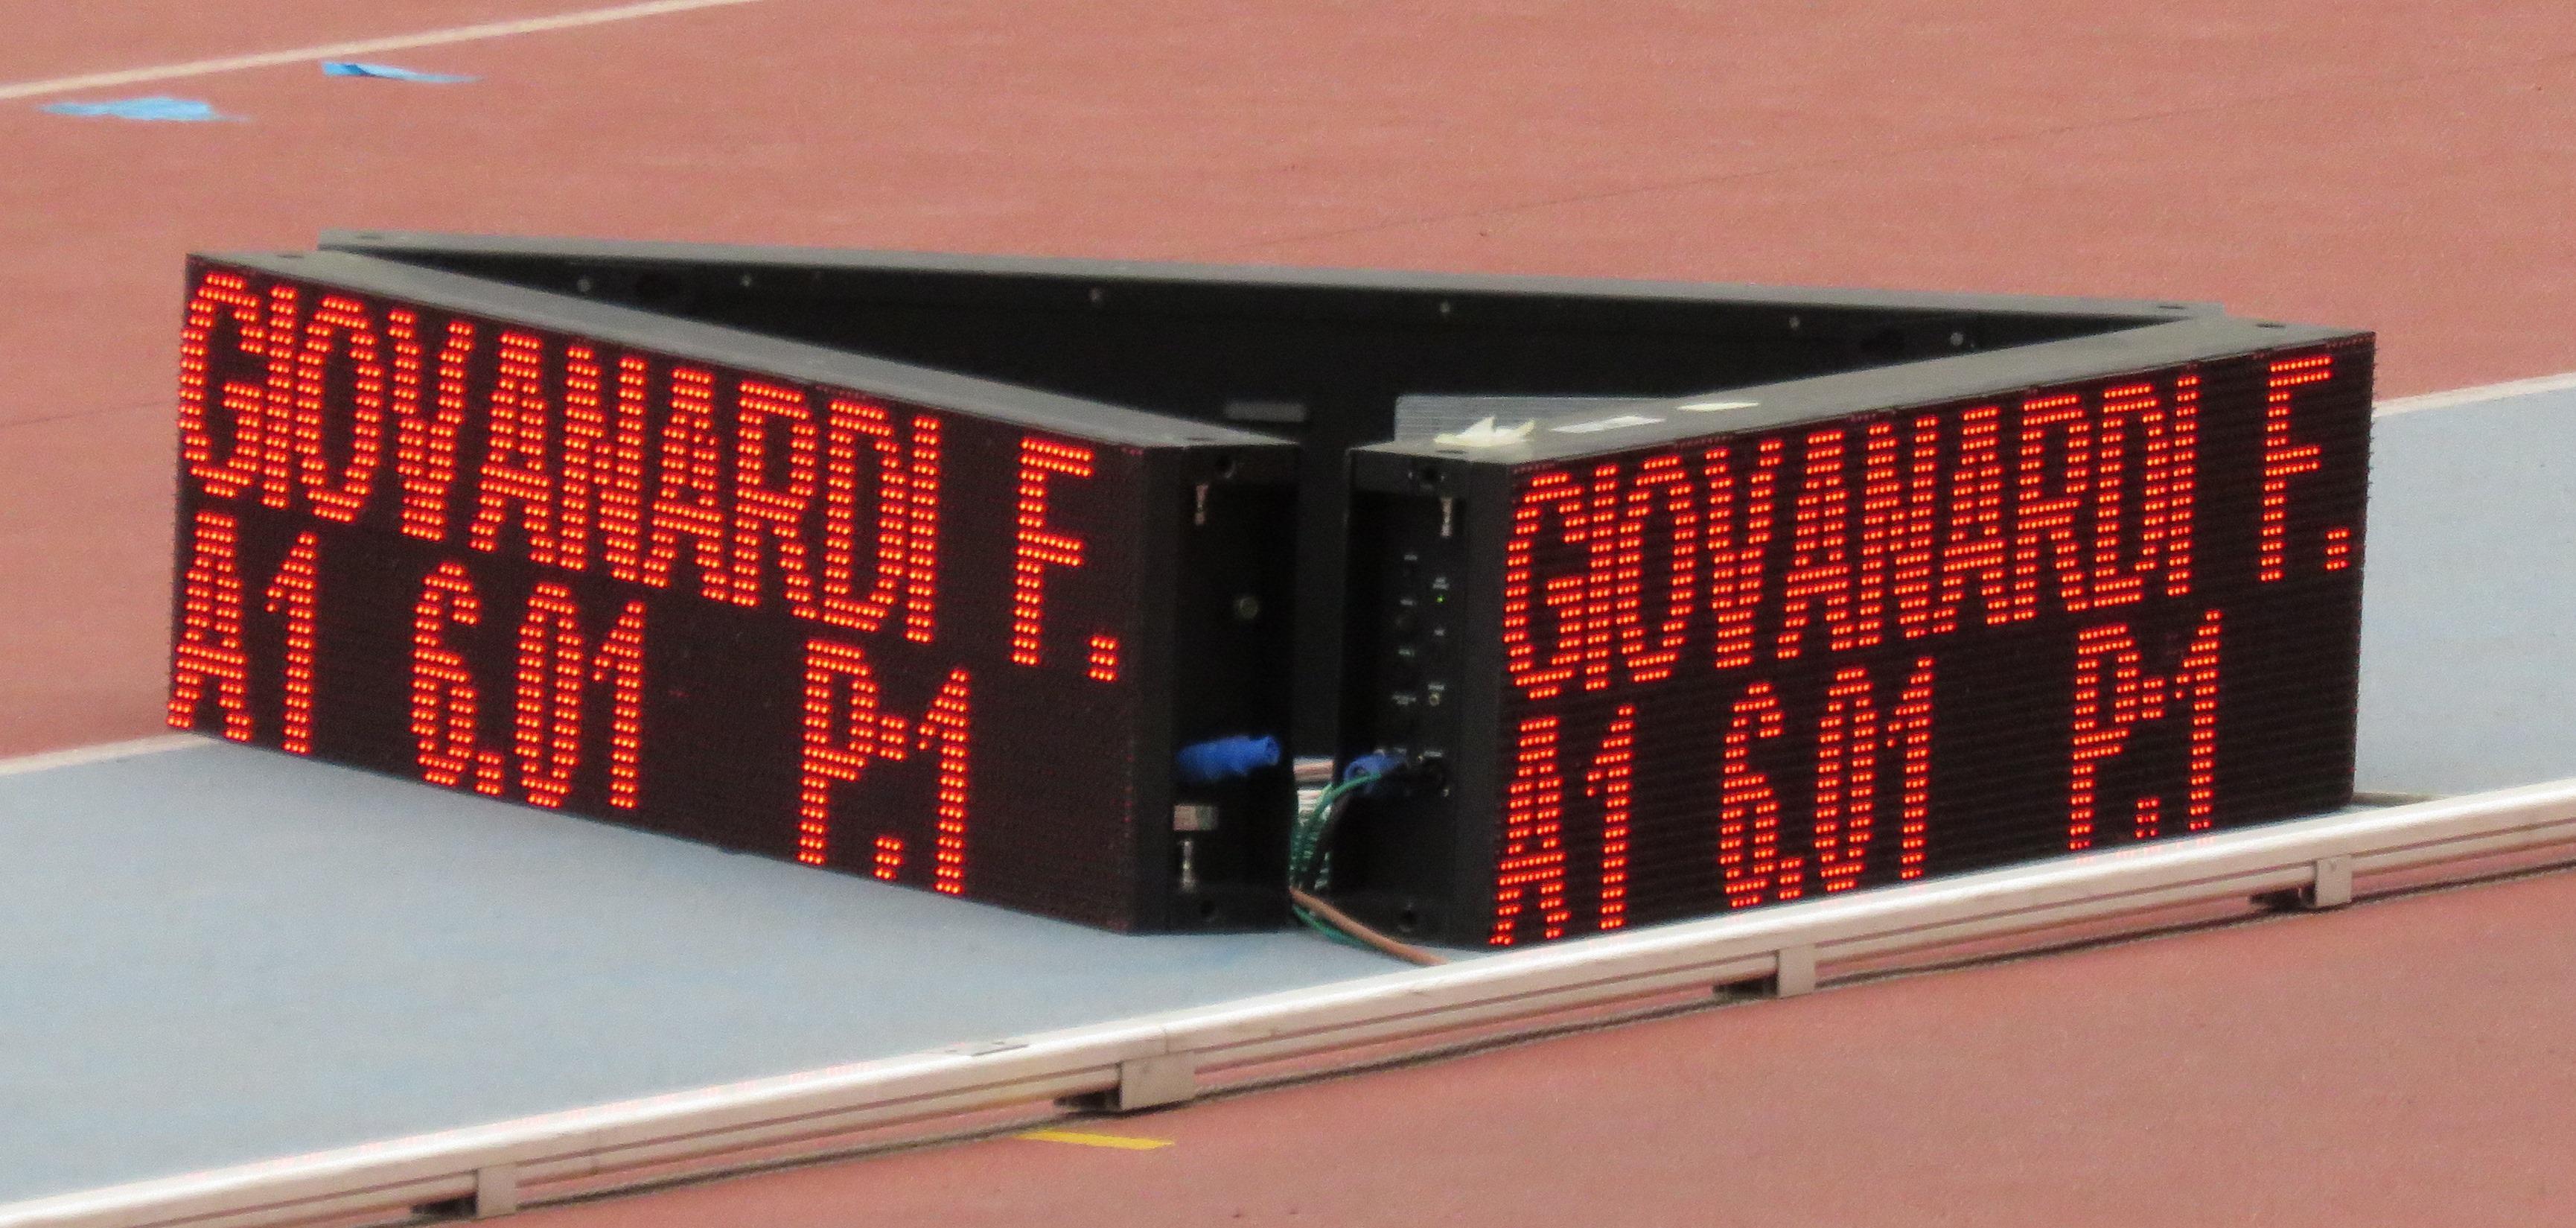 Federica Giovanardi e il suo record personale a 6.01, stabilito ai campionati nazionali assoluti.